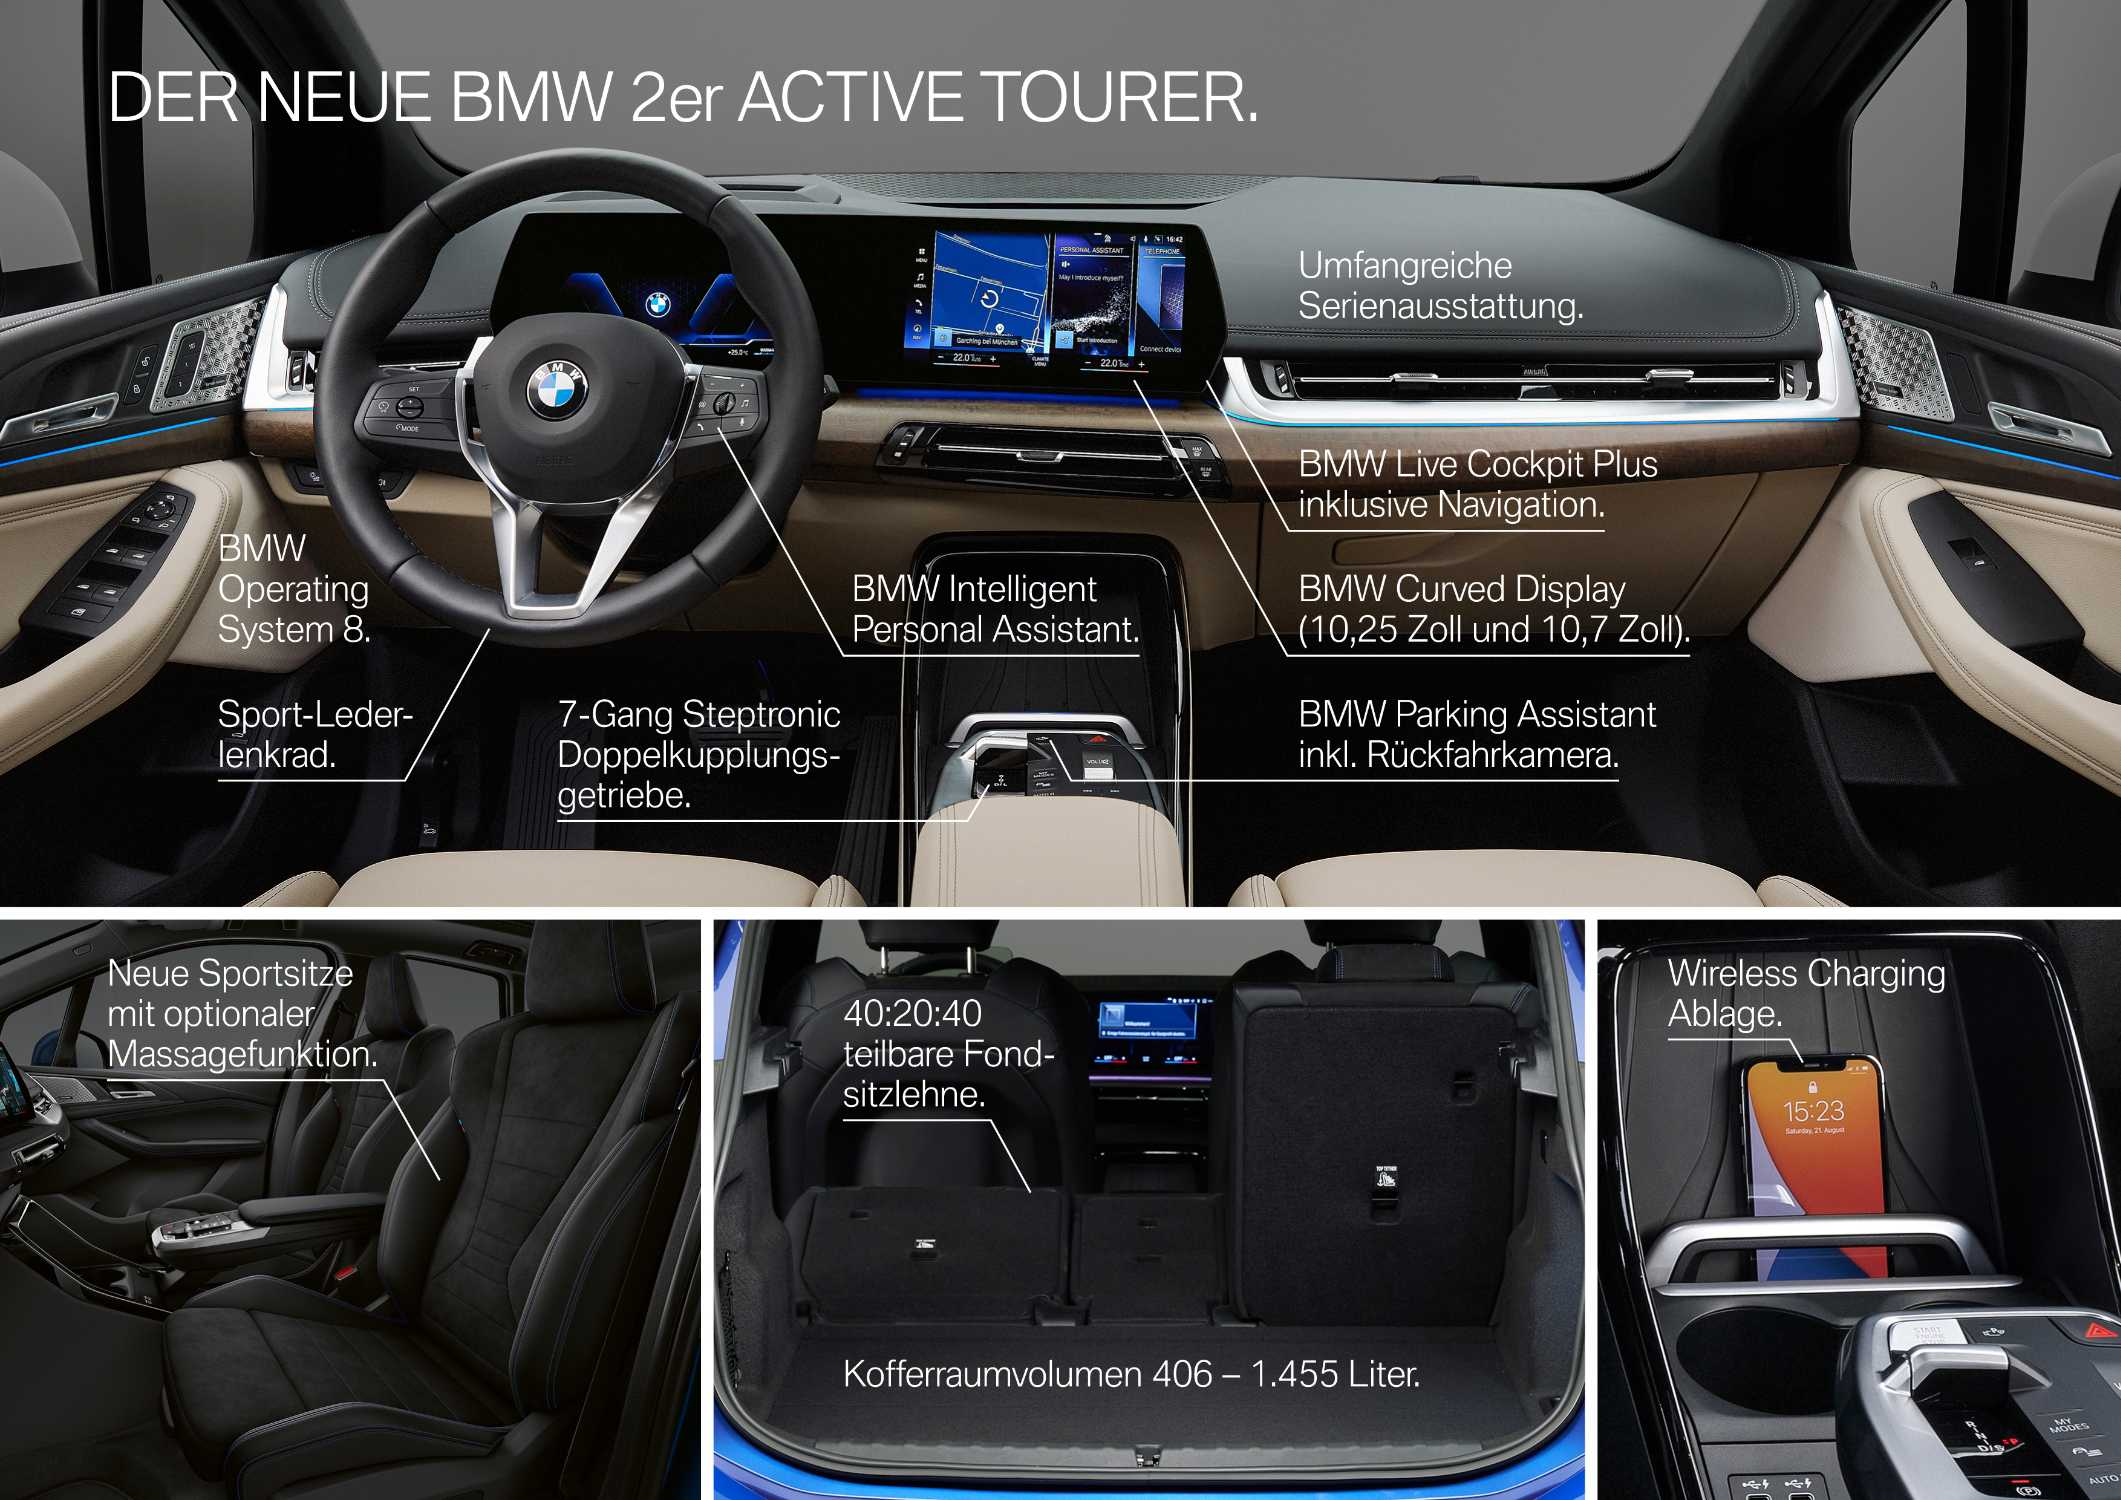 Der neue BMW Active Tourer - Highlights (10/2021).